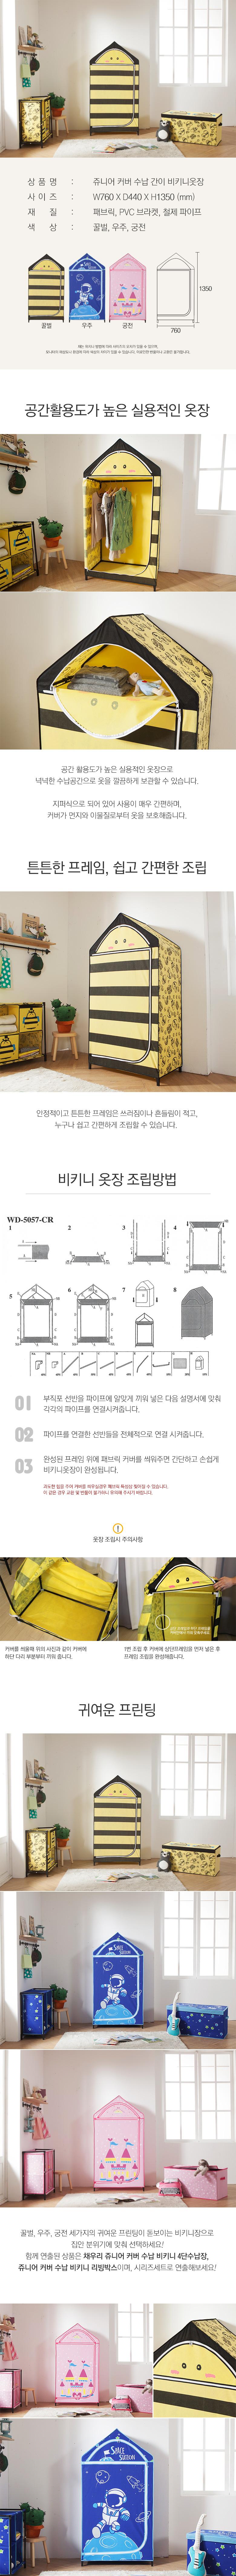 쥬니어 커버 수납 간이 비키니옷장 - 채우리, 30,000원, 붙박이장/장롱, 옷장/싱글장